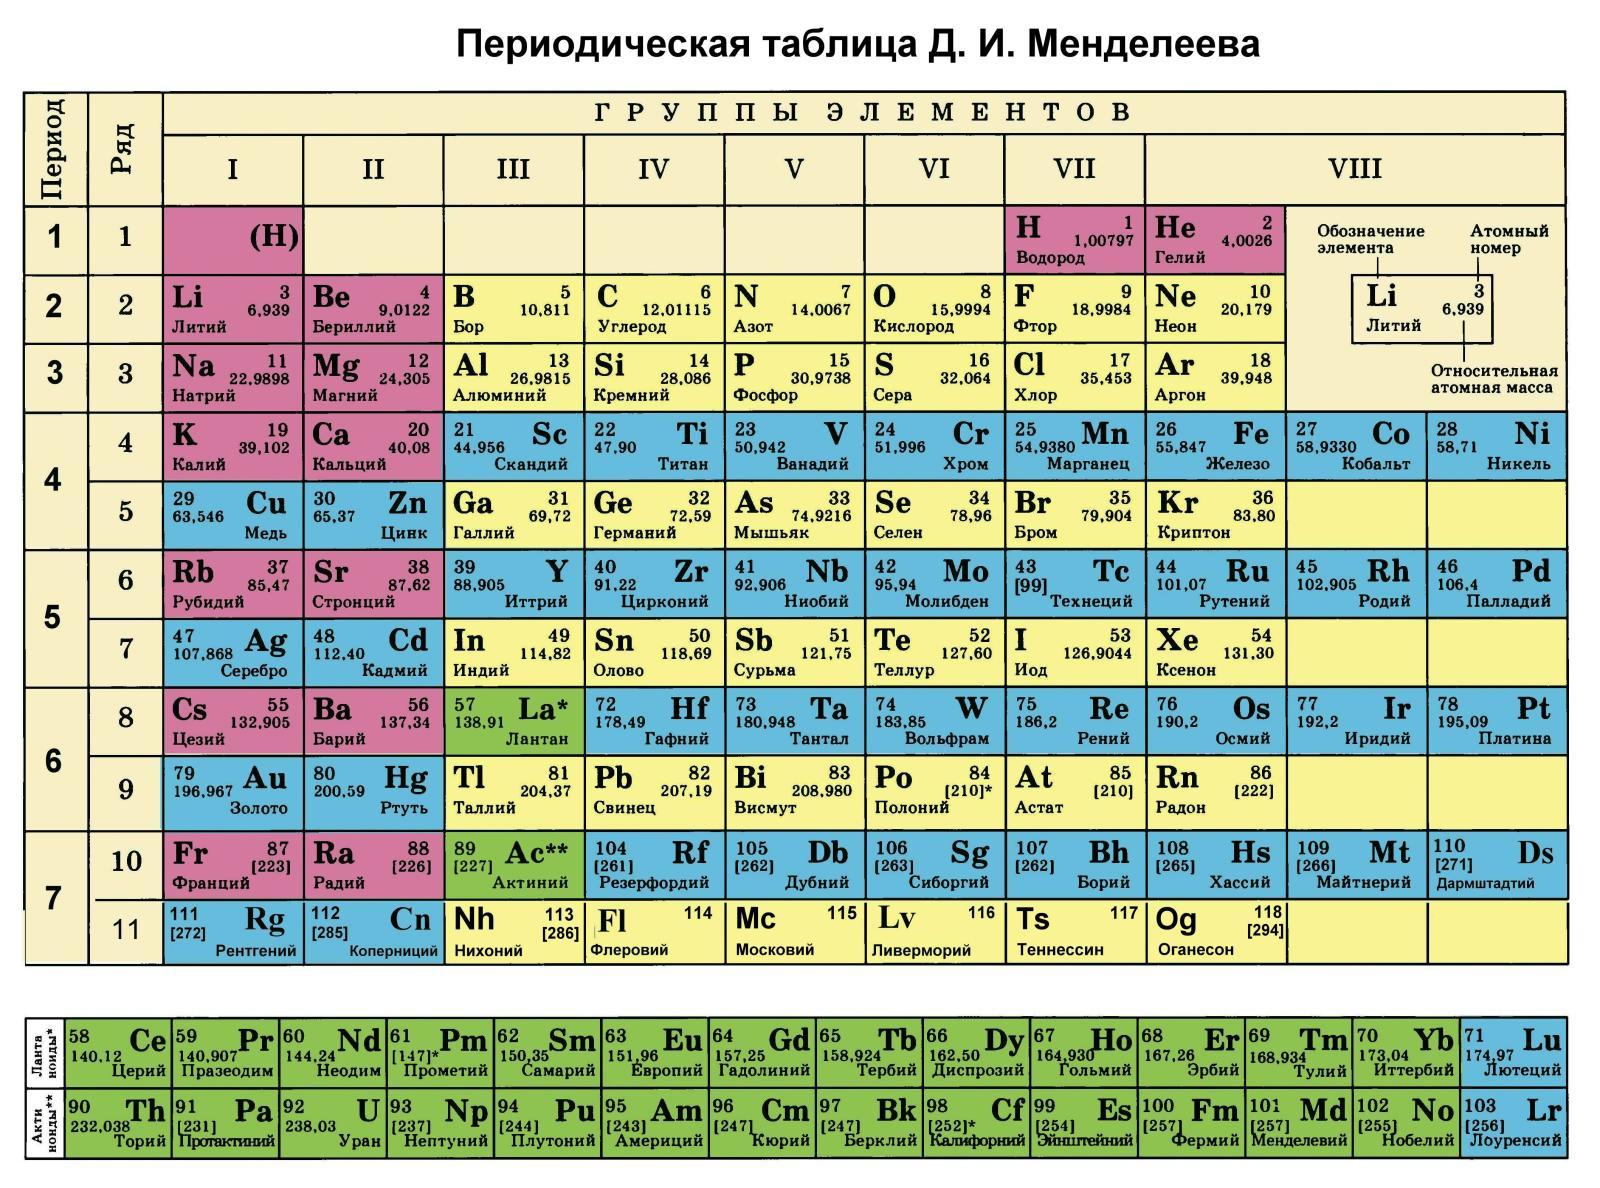 Новейшая таблица менделеева 2018